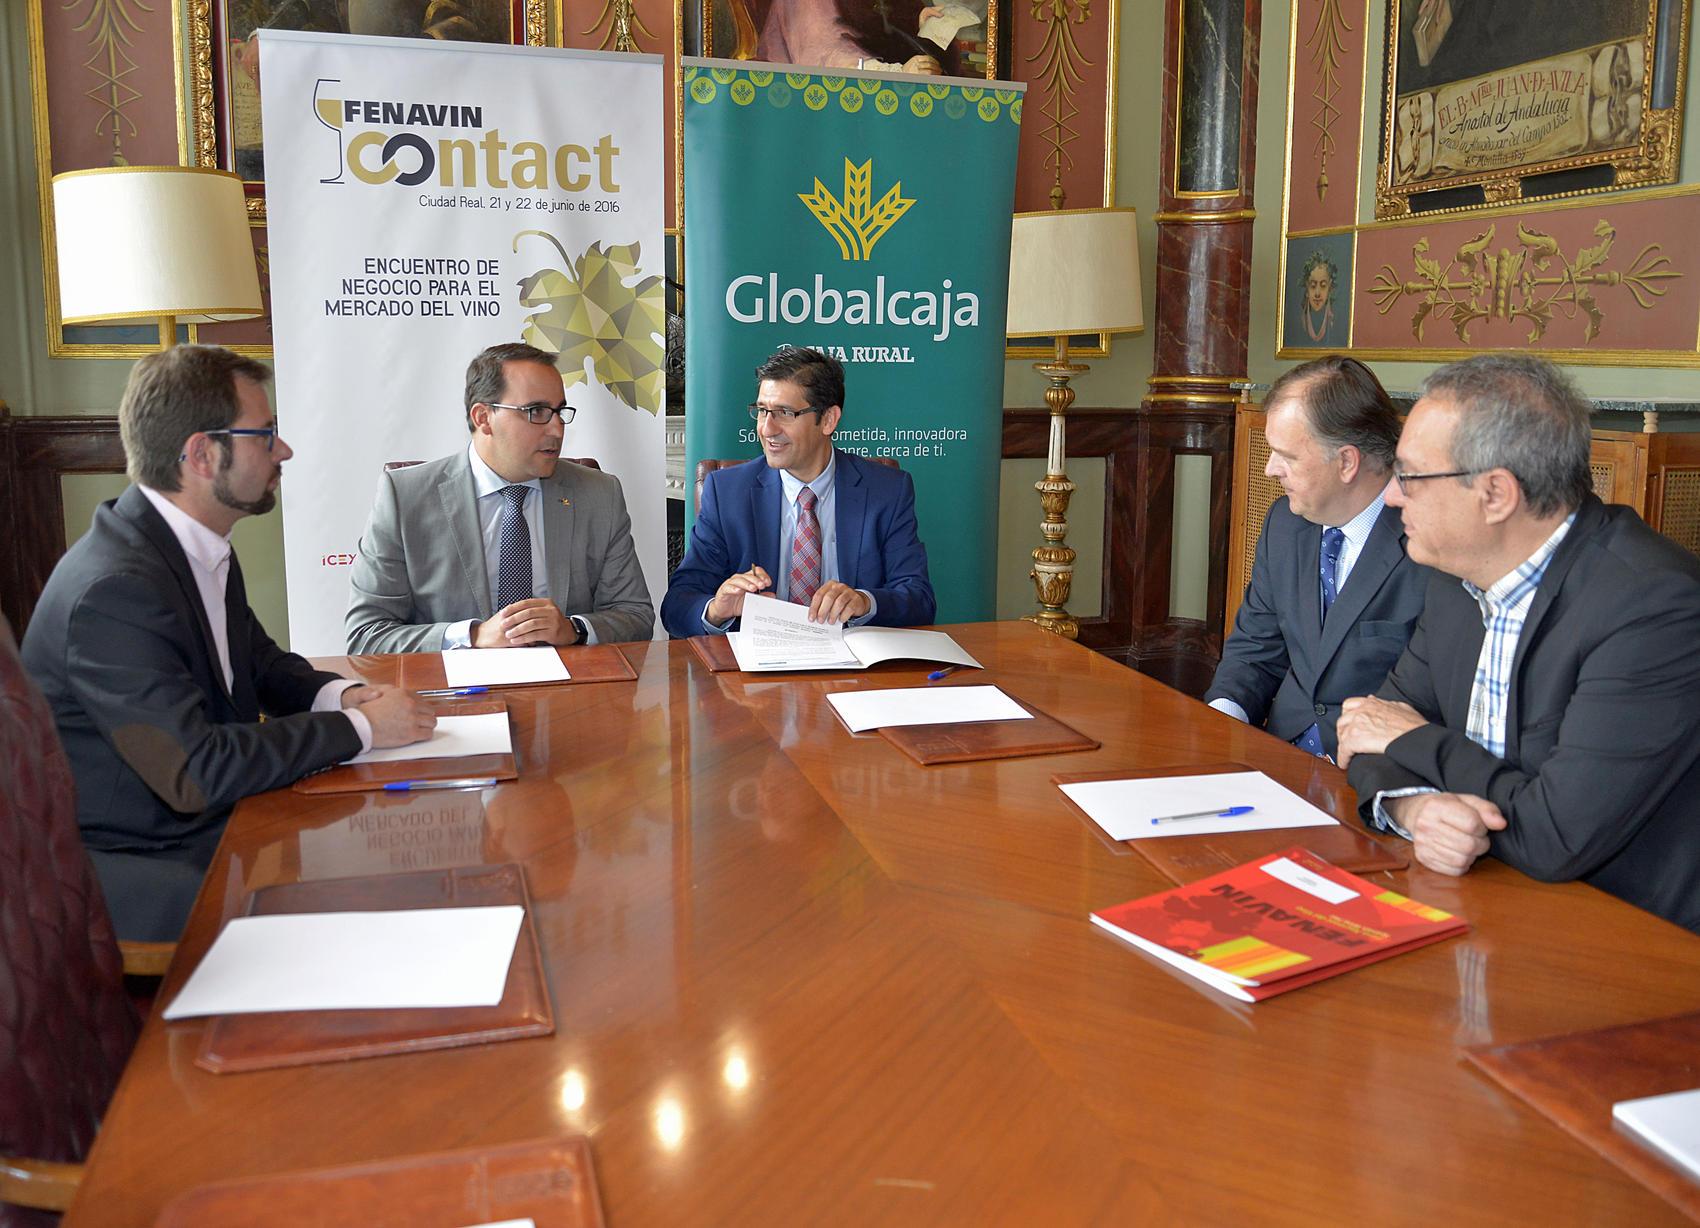 La organización del encuentro de negocio FENAVIN CONTACT recibe 12.000 euros de Globalcaja